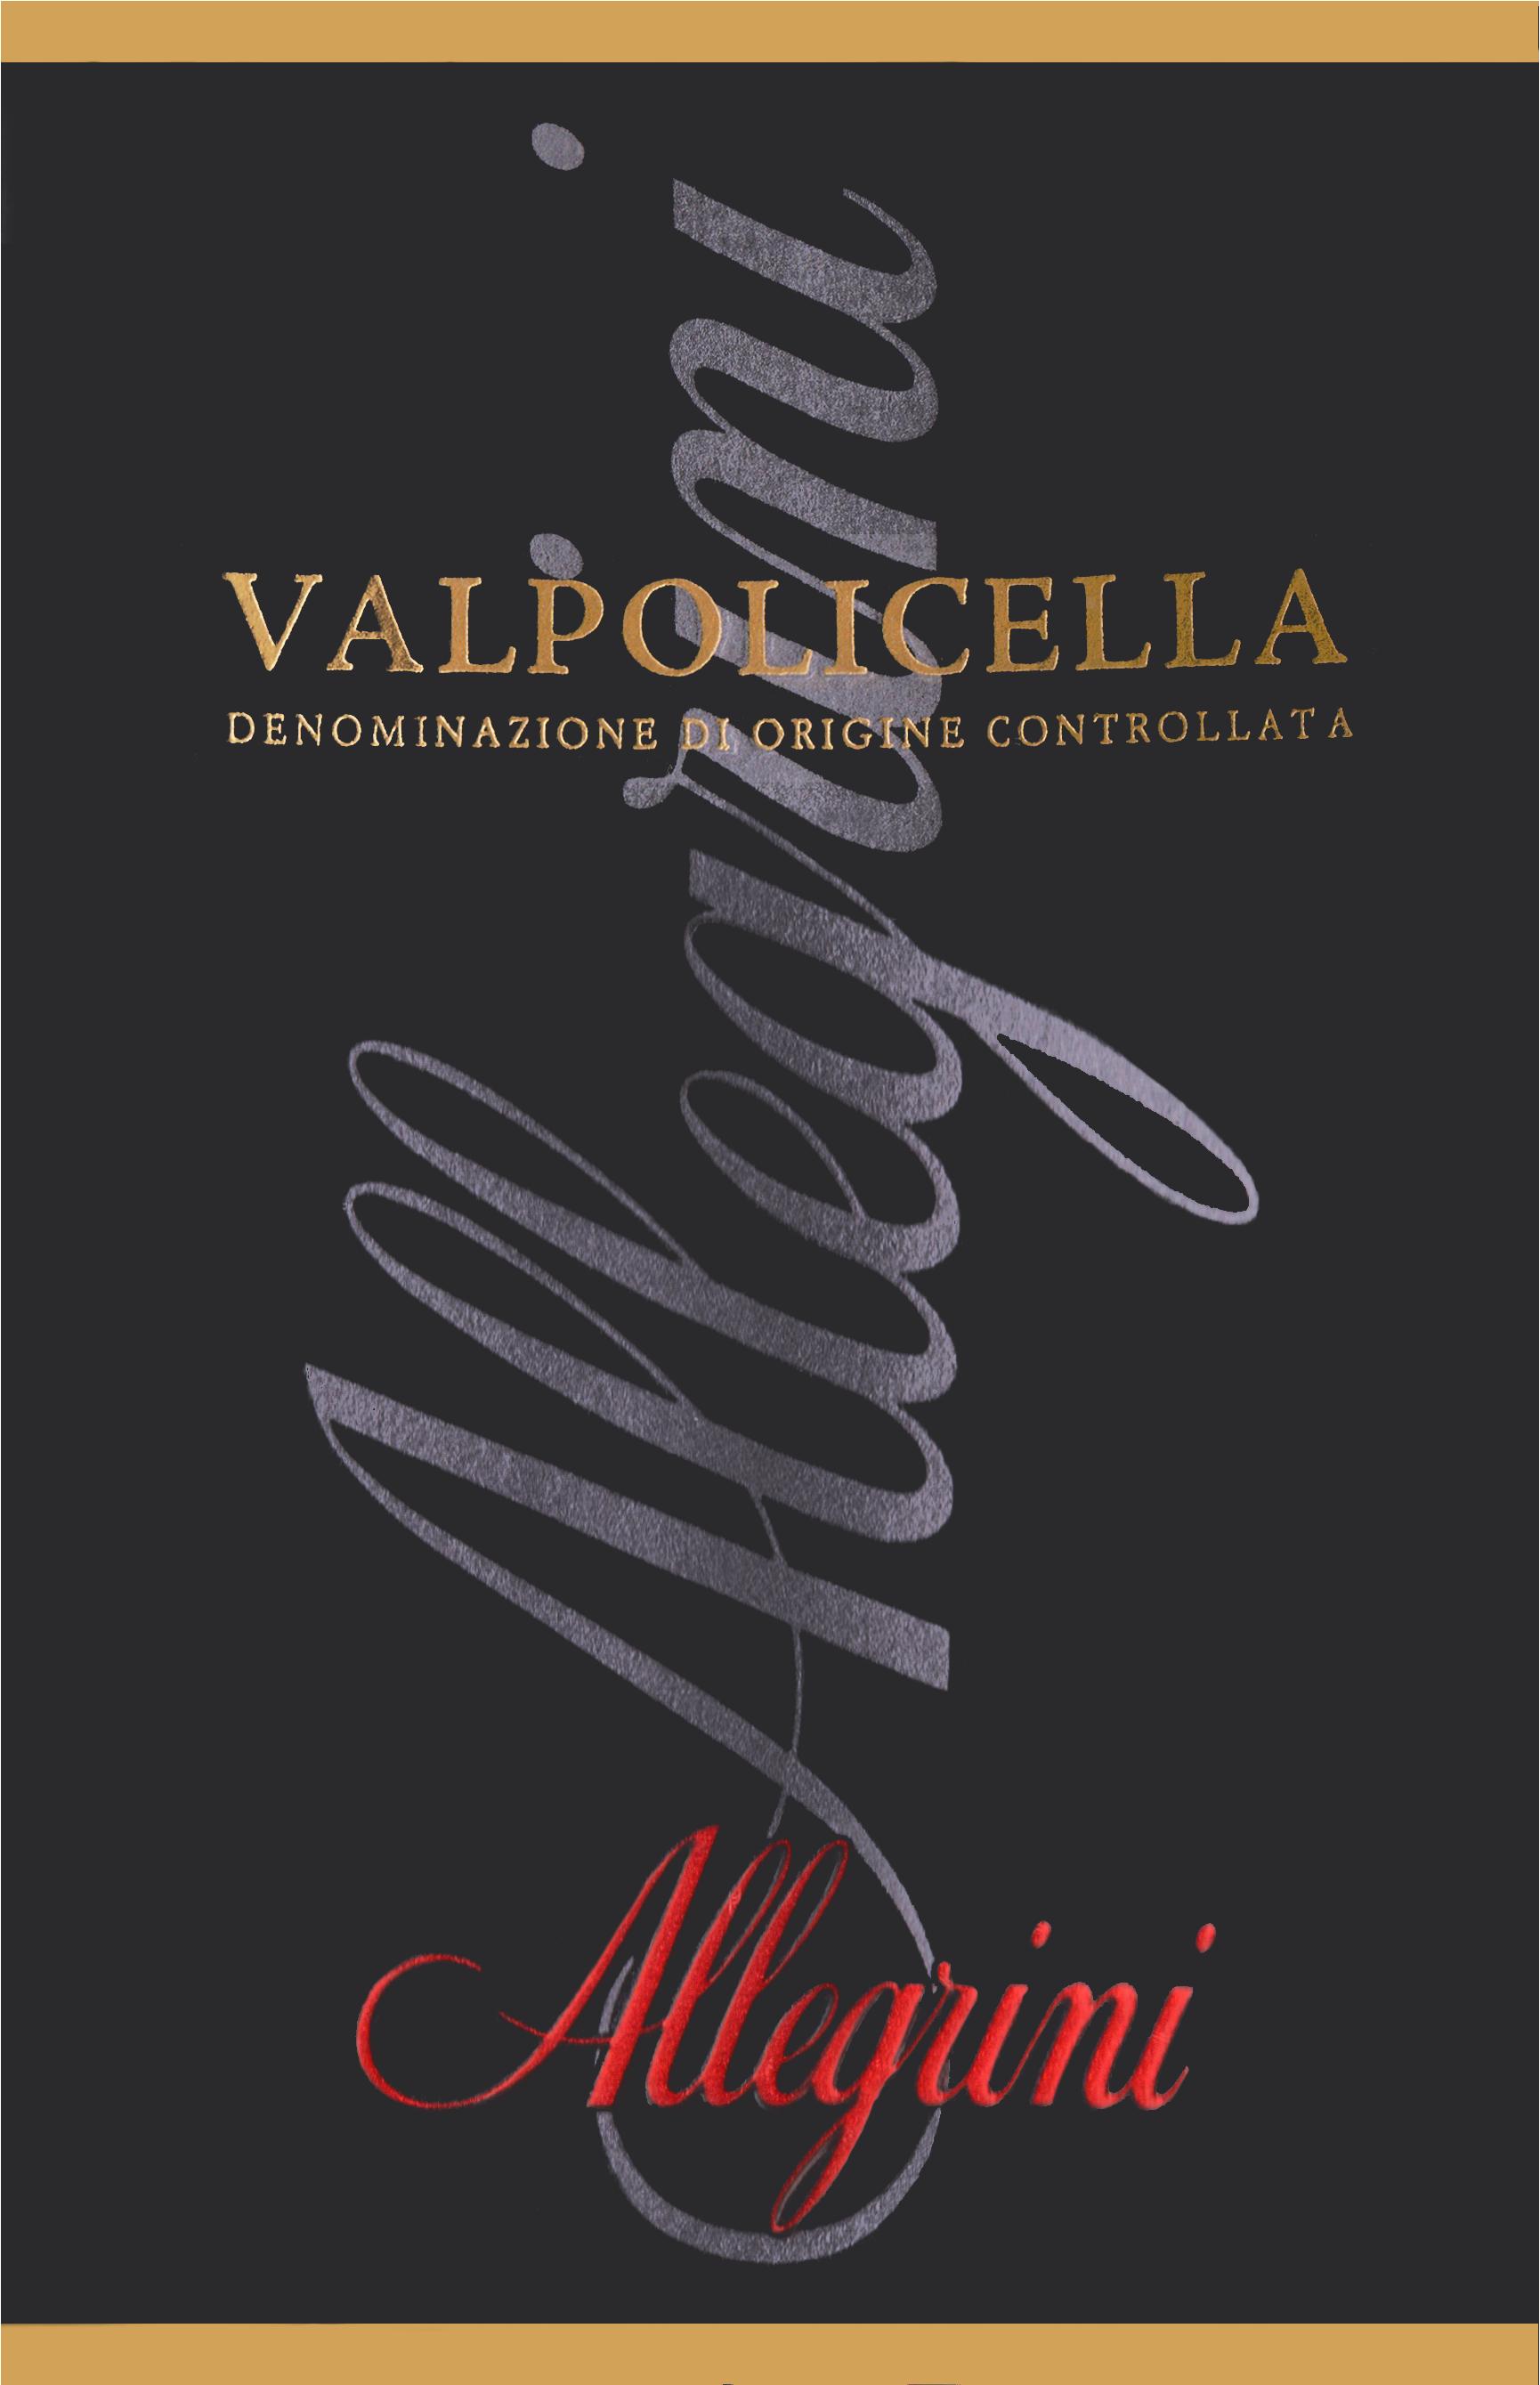 Allegrini Valpolicella 2018